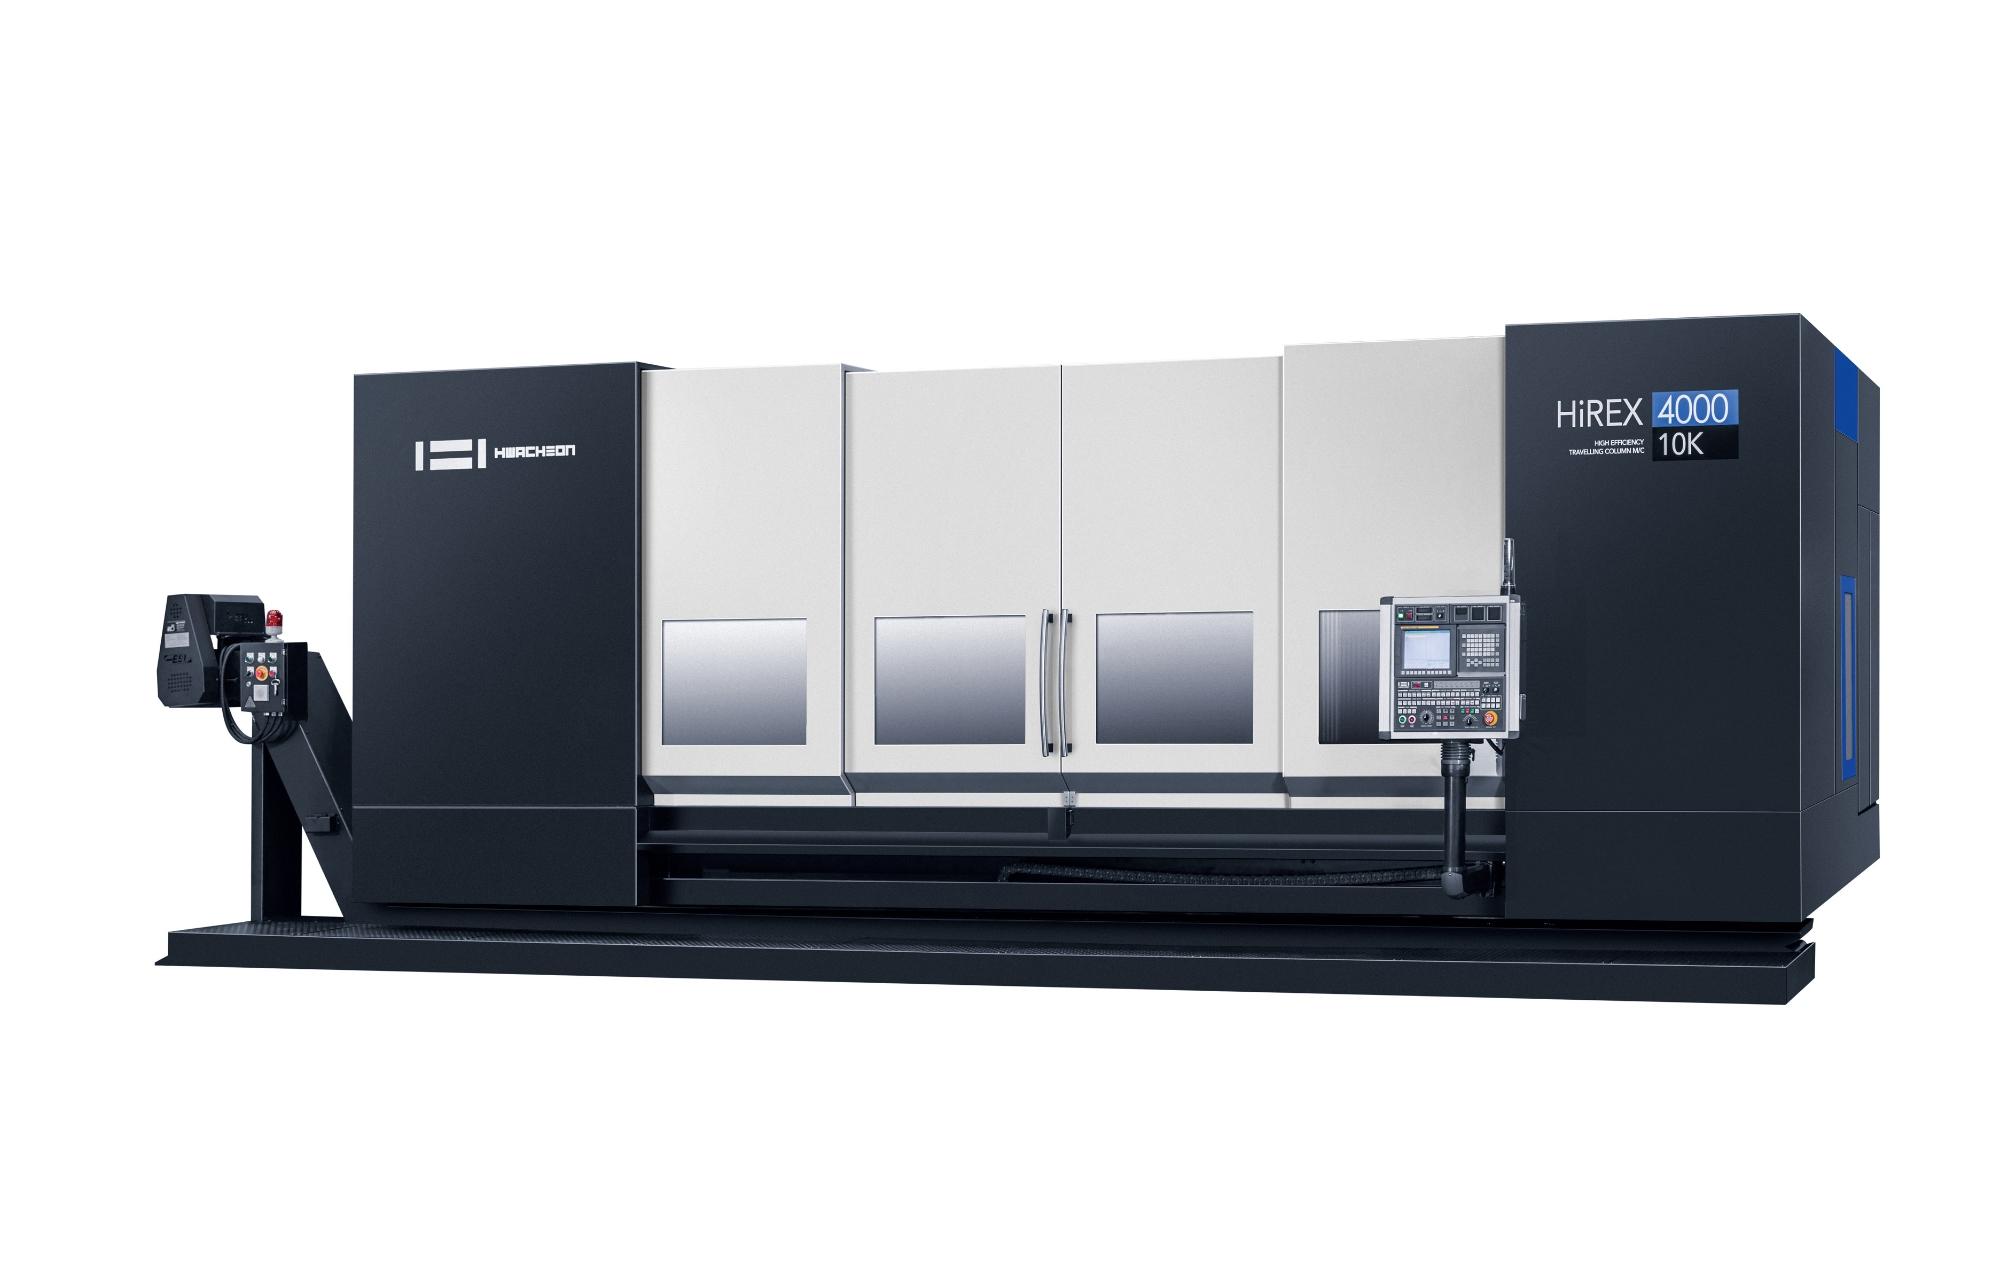 HiREX-4000